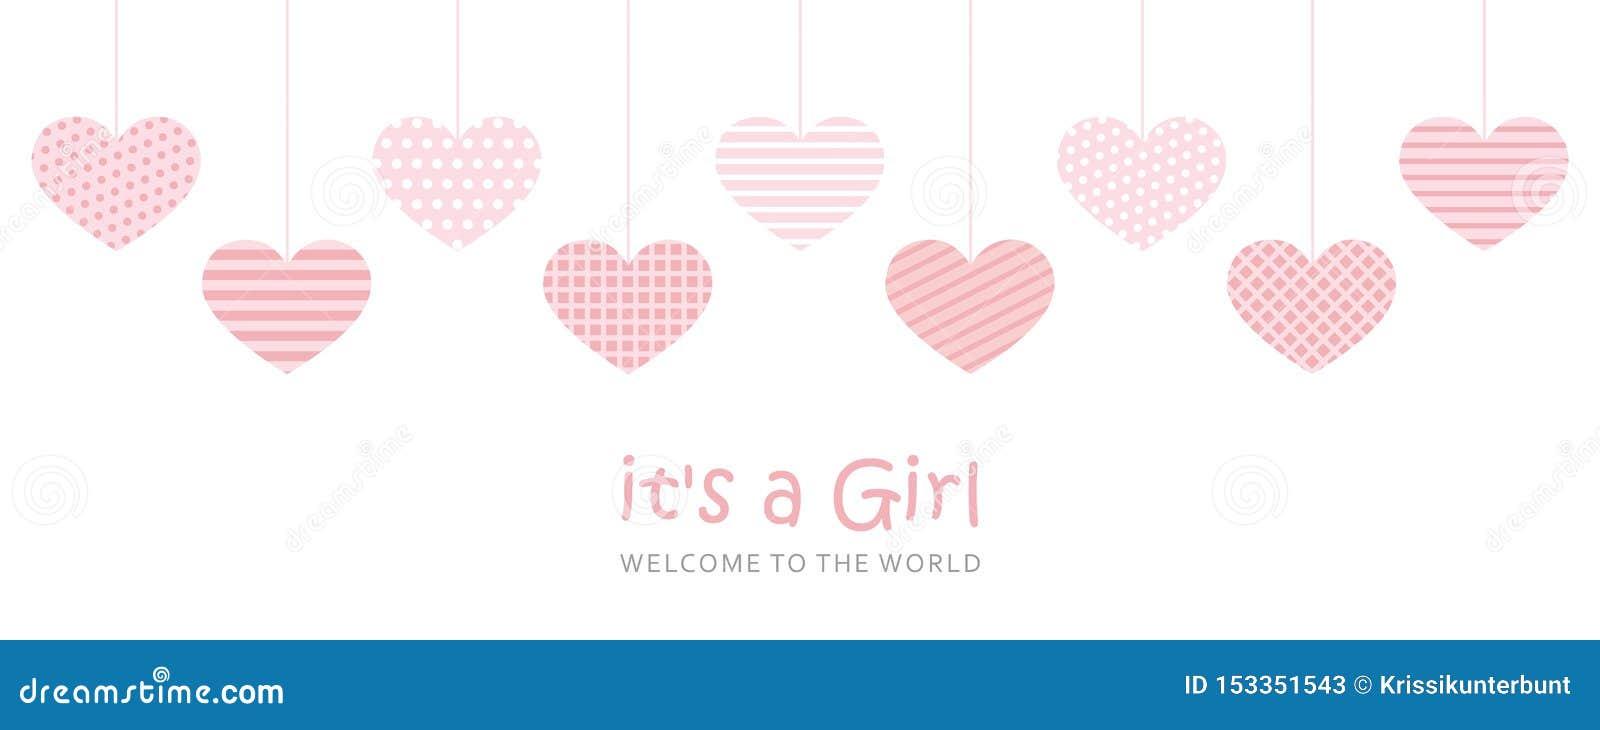 Son une carte de voeux d accueil de fille pour l accouchement